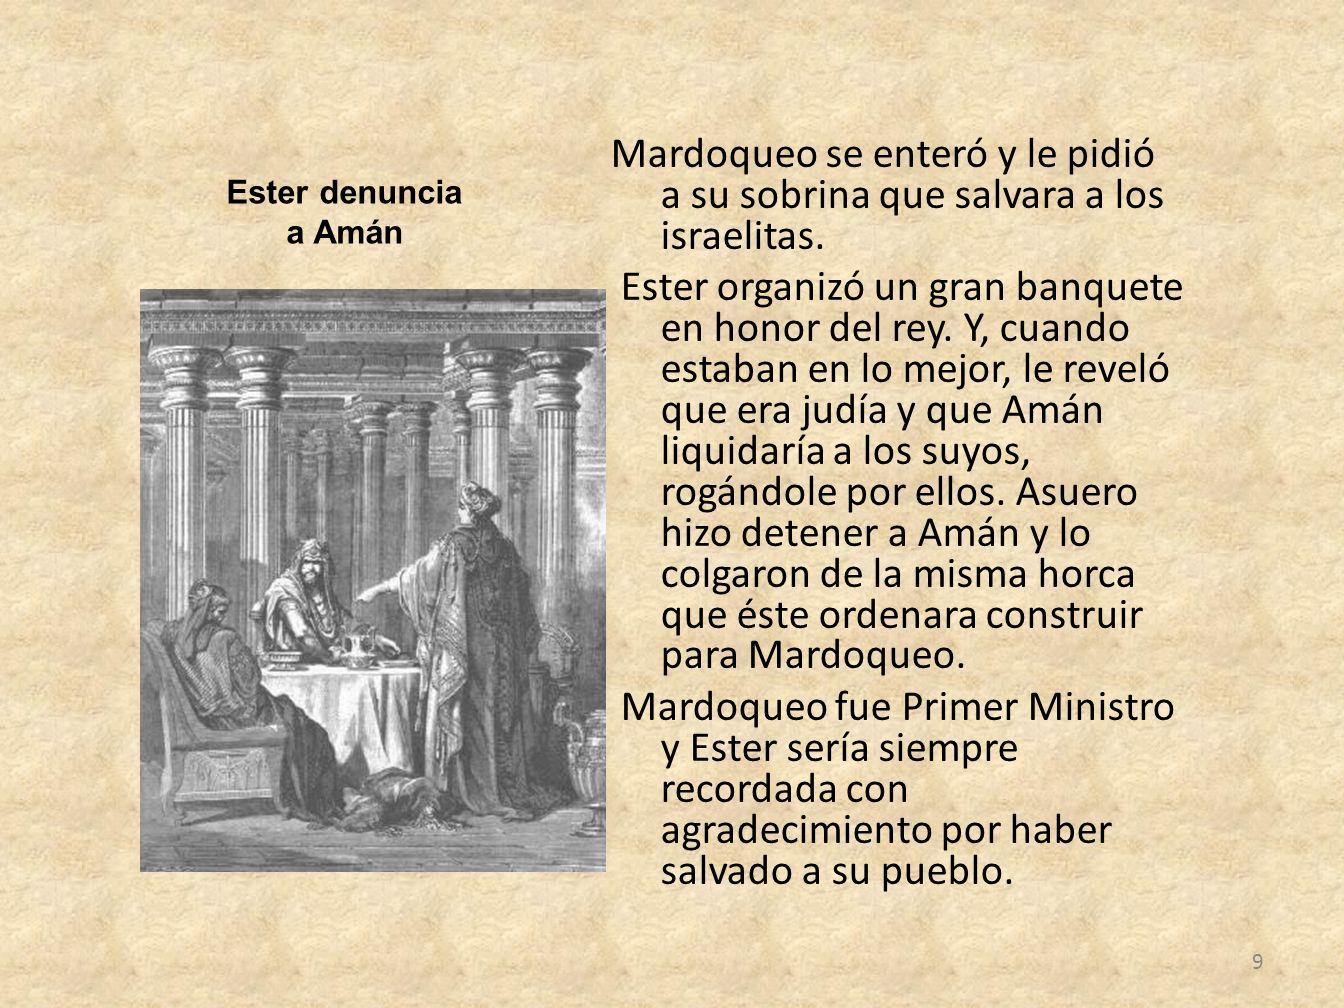 Mardoqueo se enteró y le pidió a su sobrina que salvara a los israelitas. Ester organizó un gran banquete en honor del rey. Y, cuando estaban en lo mejor, le reveló que era judía y que Amán liquidaría a los suyos, rogándole por ellos. Asuero hizo detener a Amán y lo colgaron de la misma horca que éste ordenara construir para Mardoqueo. Mardoqueo fue Primer Ministro y Ester sería siempre recordada con agradecimiento por haber salvado a su pueblo.